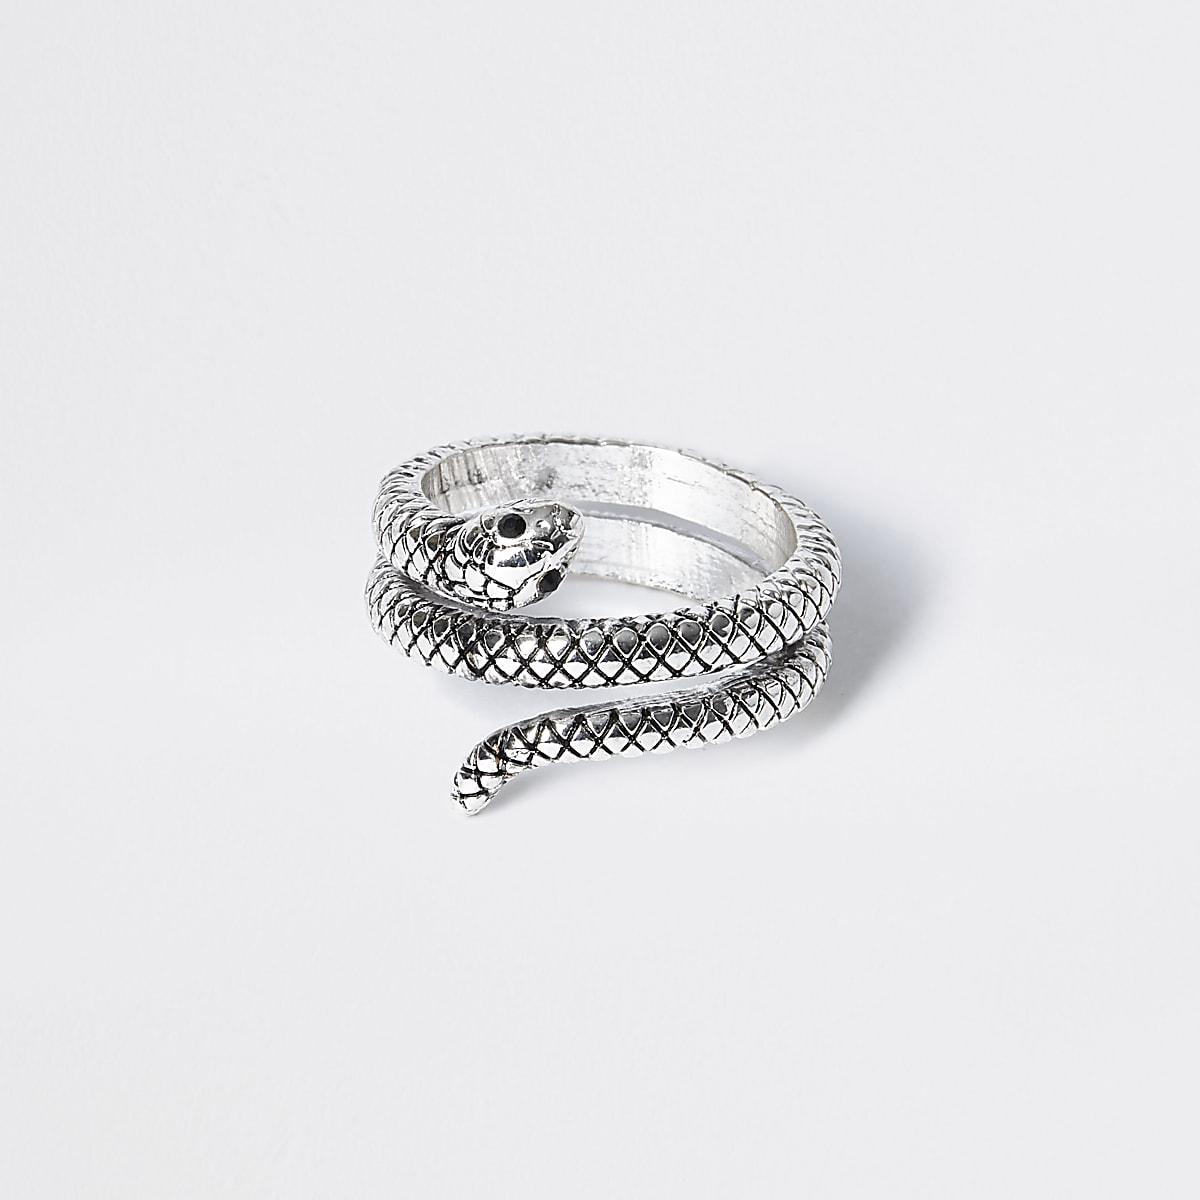 Bague serpent argentée enveloppante